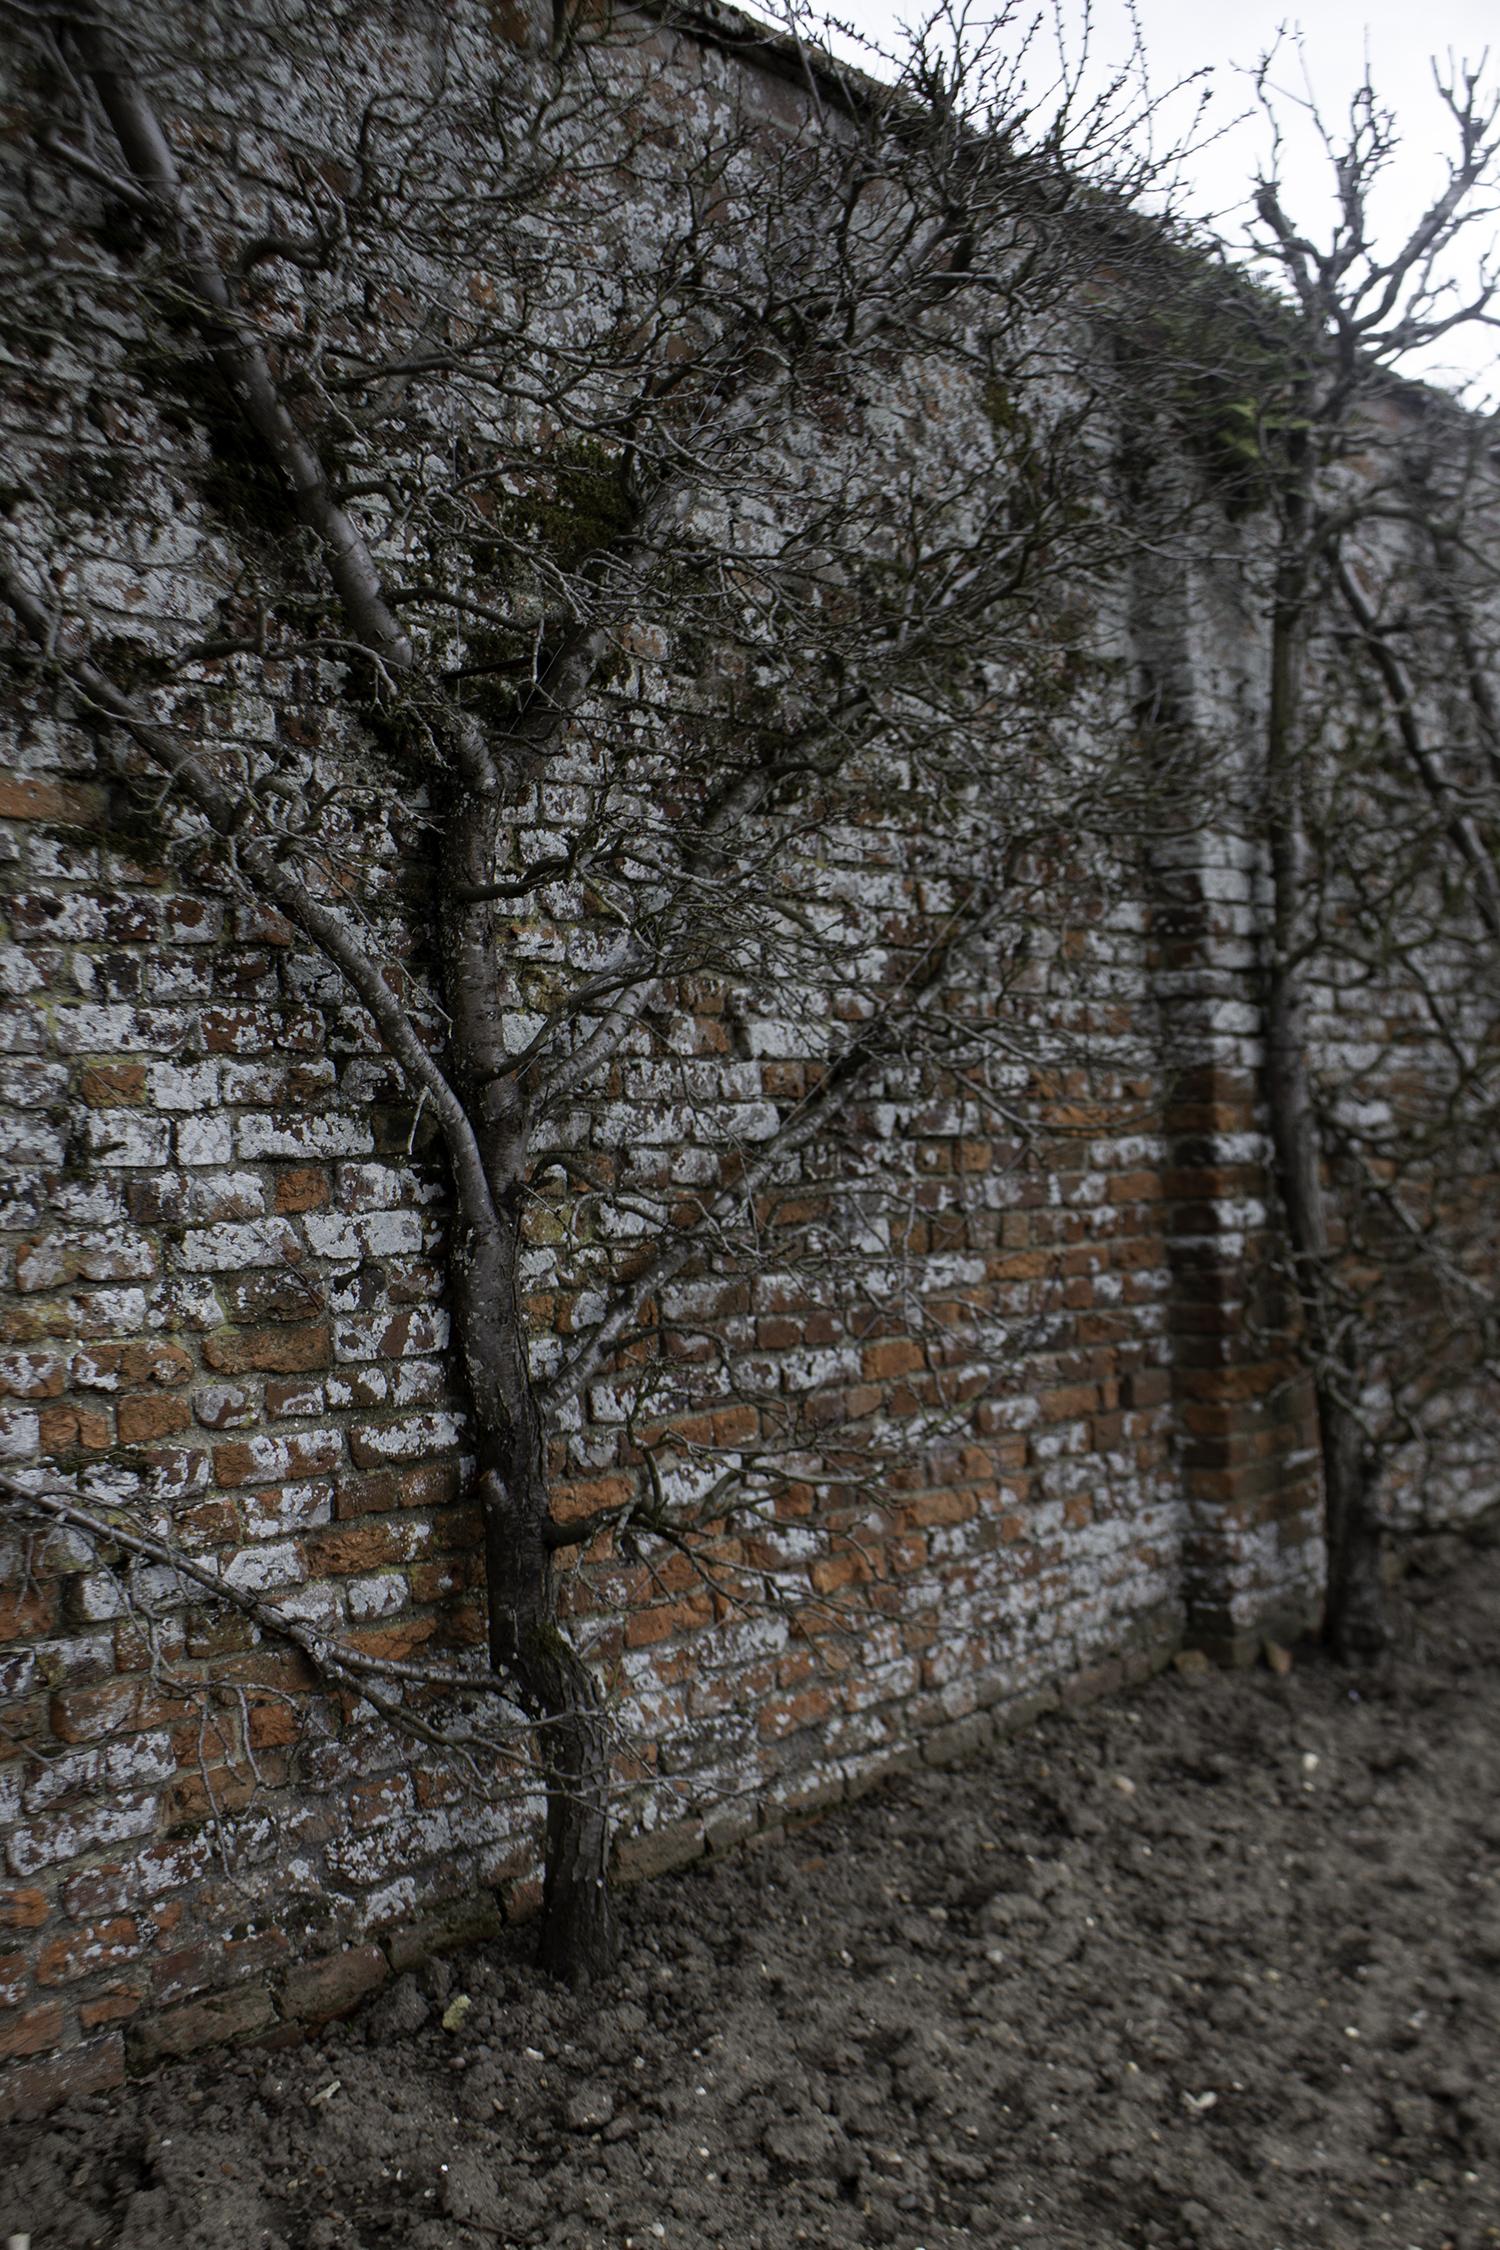 Espalier fruit trees in the walled garden